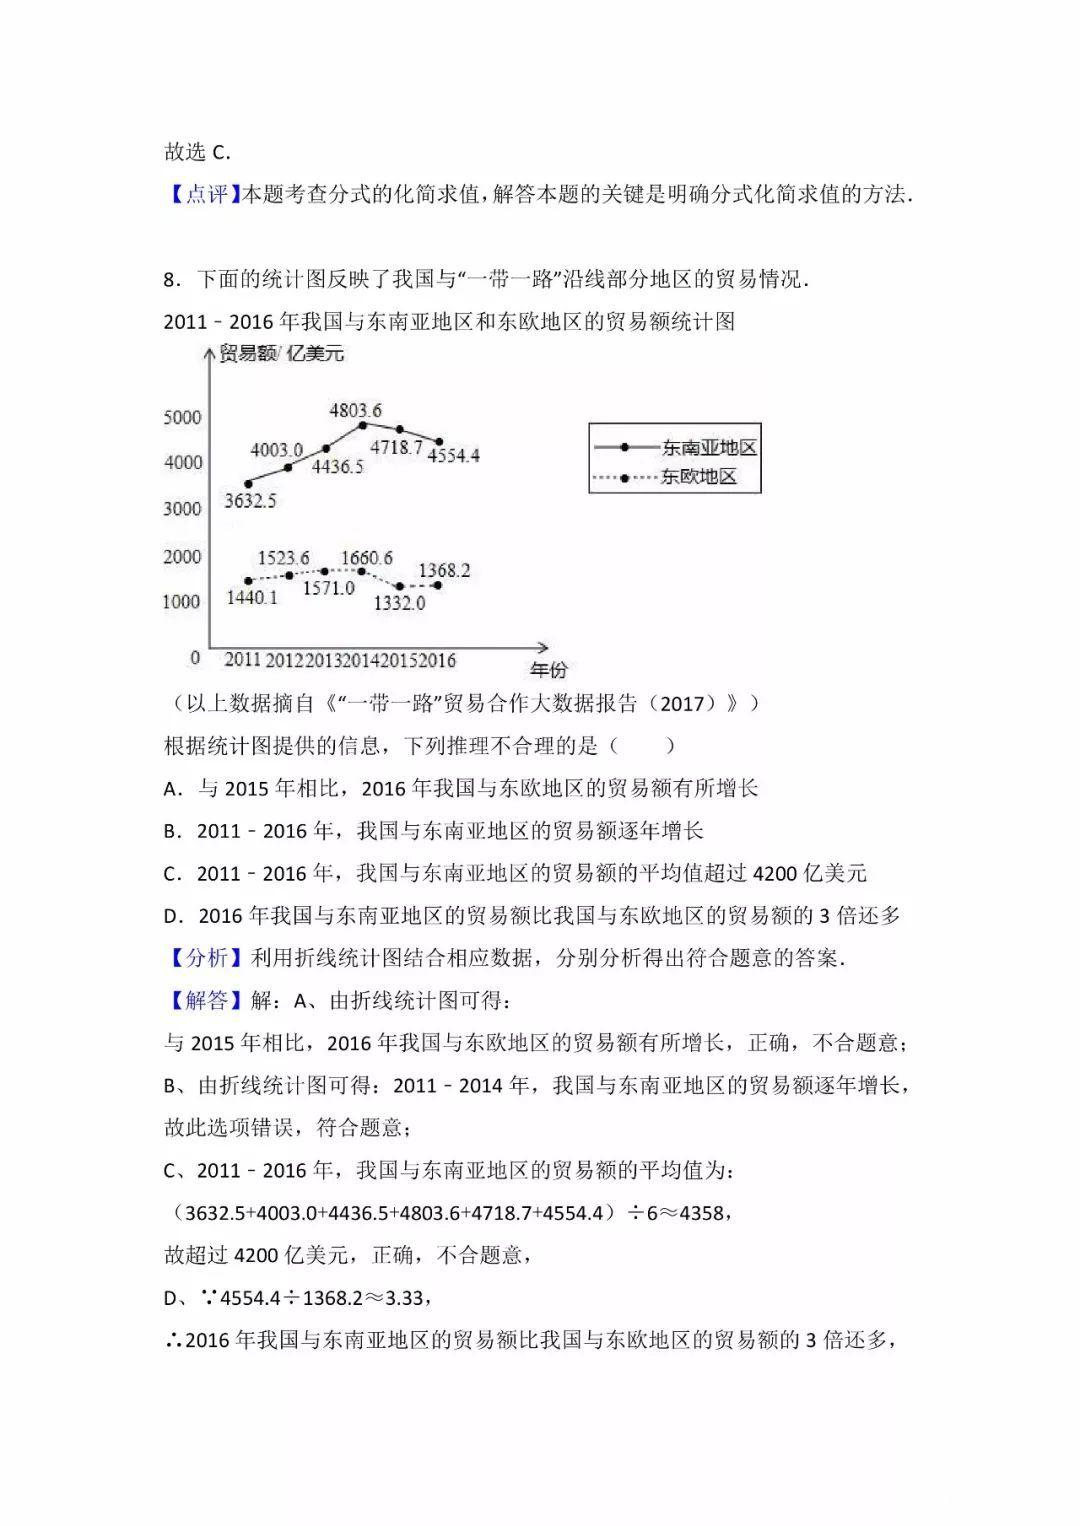 前年中考真题,北京地区数学试卷,含解析,可打印,不懂可以留言